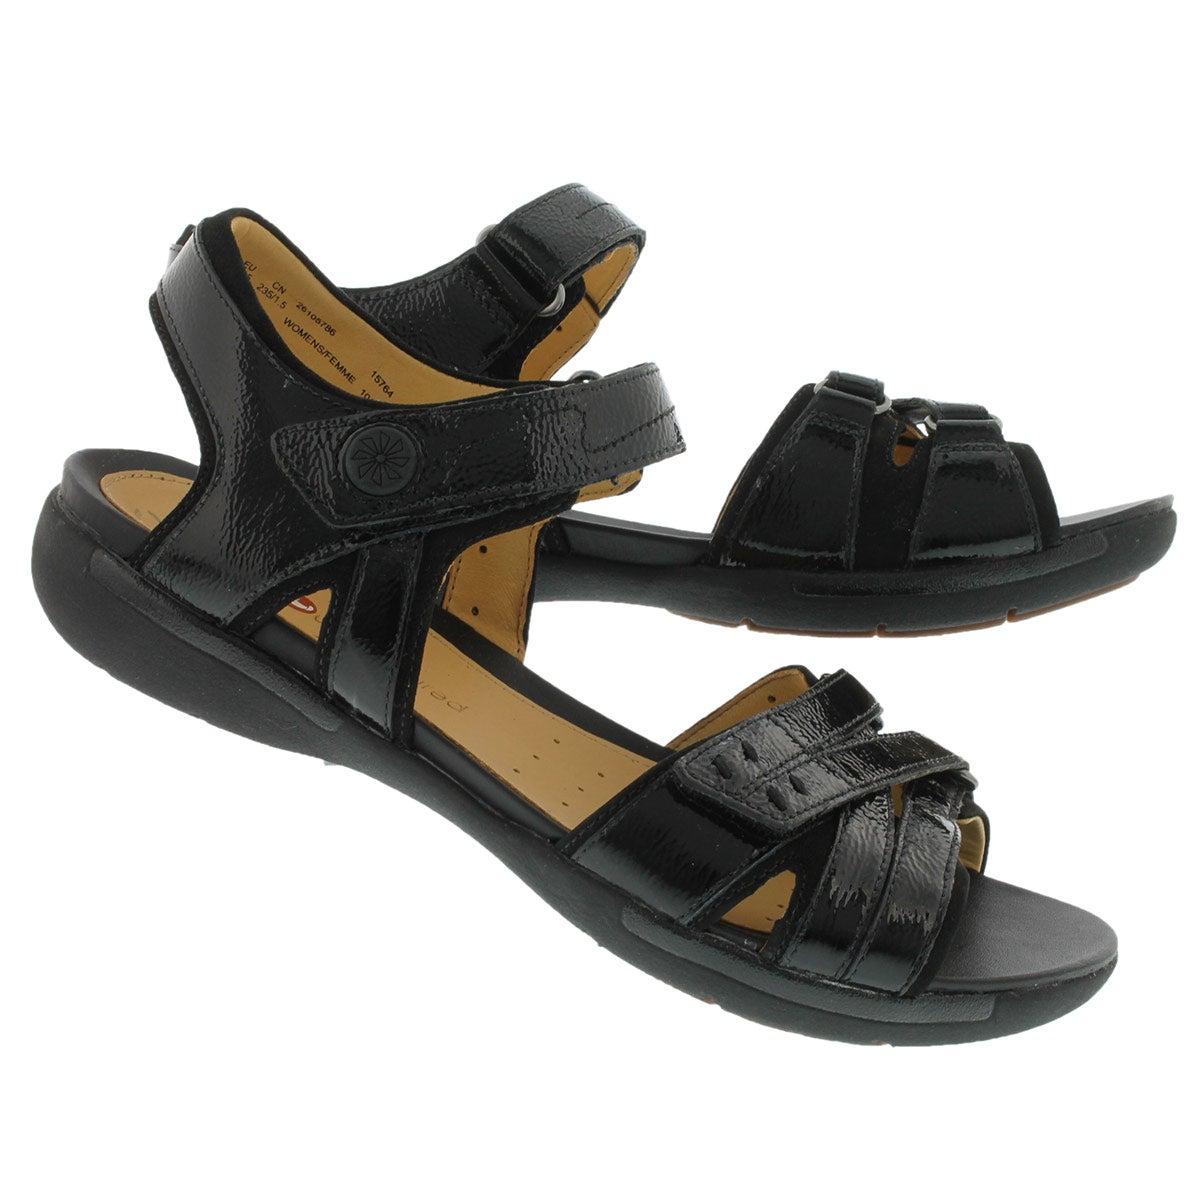 Lds Un.Vasha black patent casual sandal